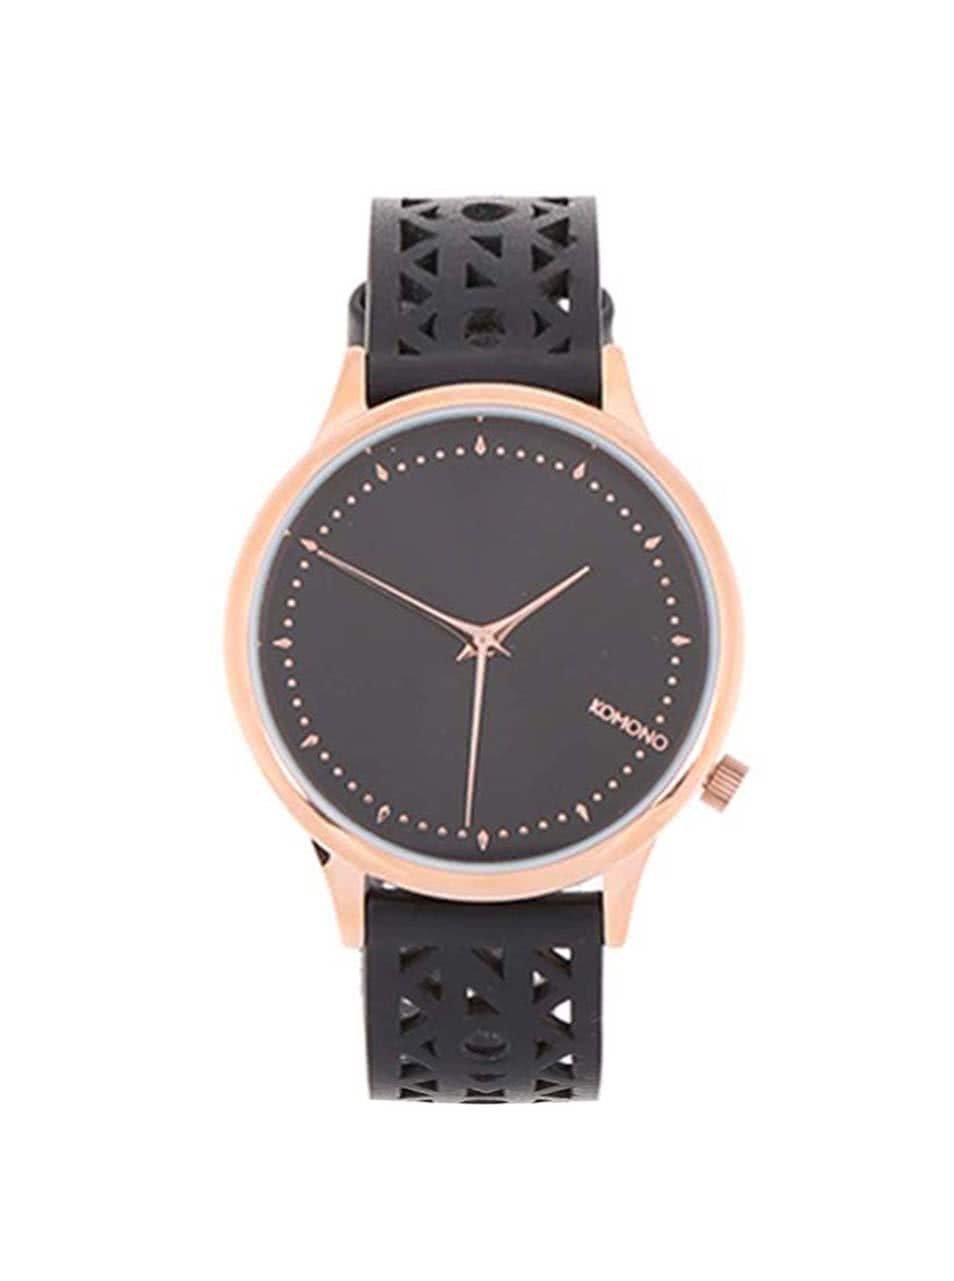 1a873f6ec Čierne dámske hodinky s koženým perforovaným remienom Komono Estelle Cutout